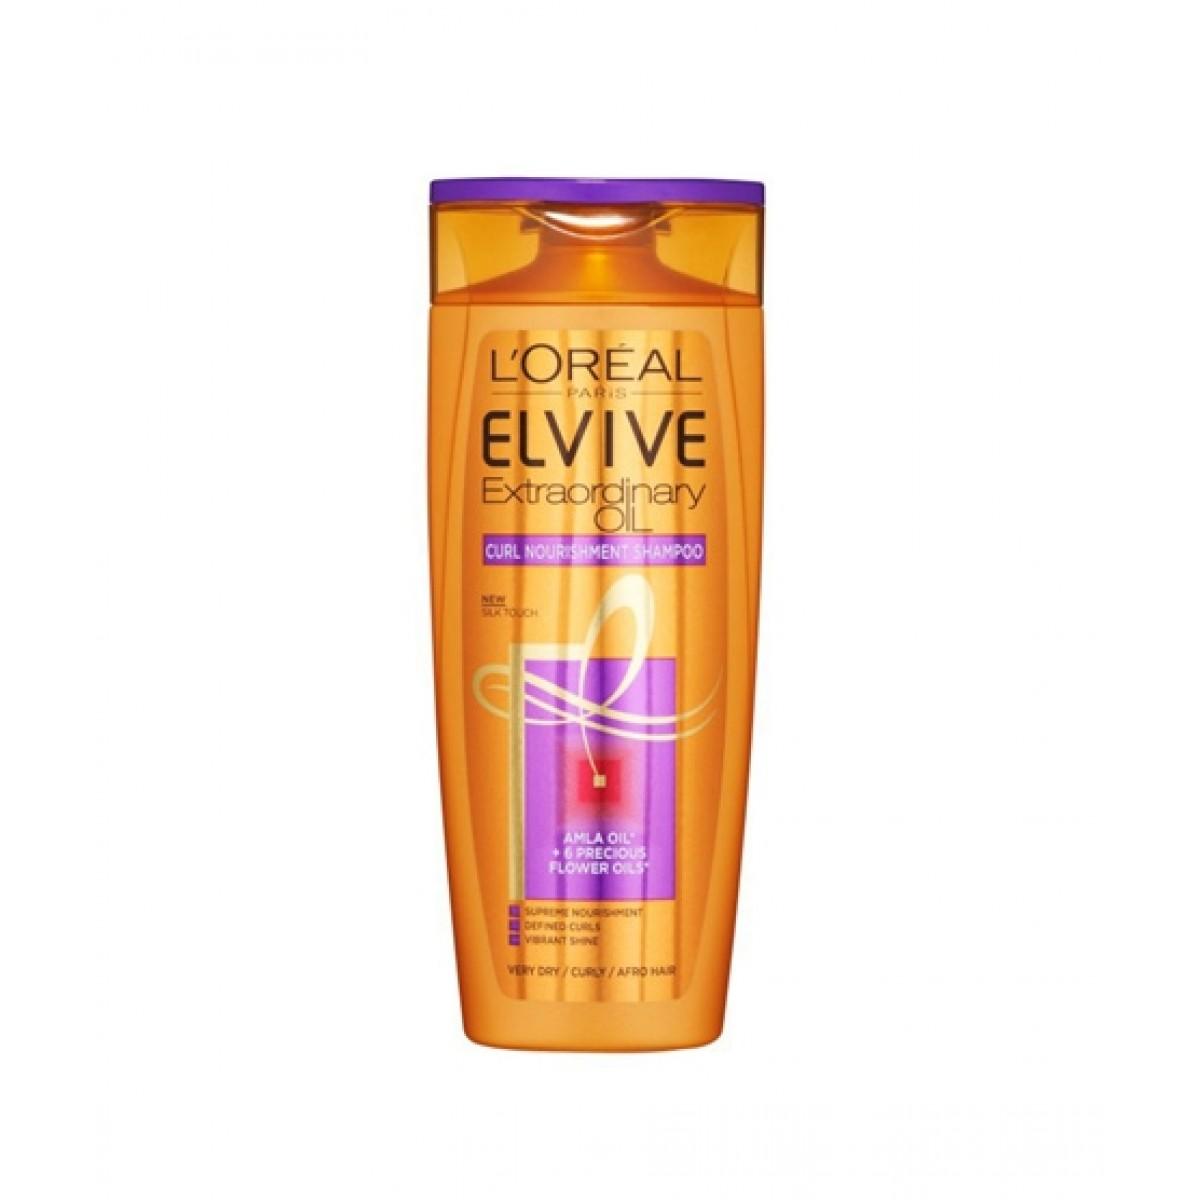 L'Oréal Paris Elvive Extraordinary Oil Curl Nourishment Shampoo 250ml